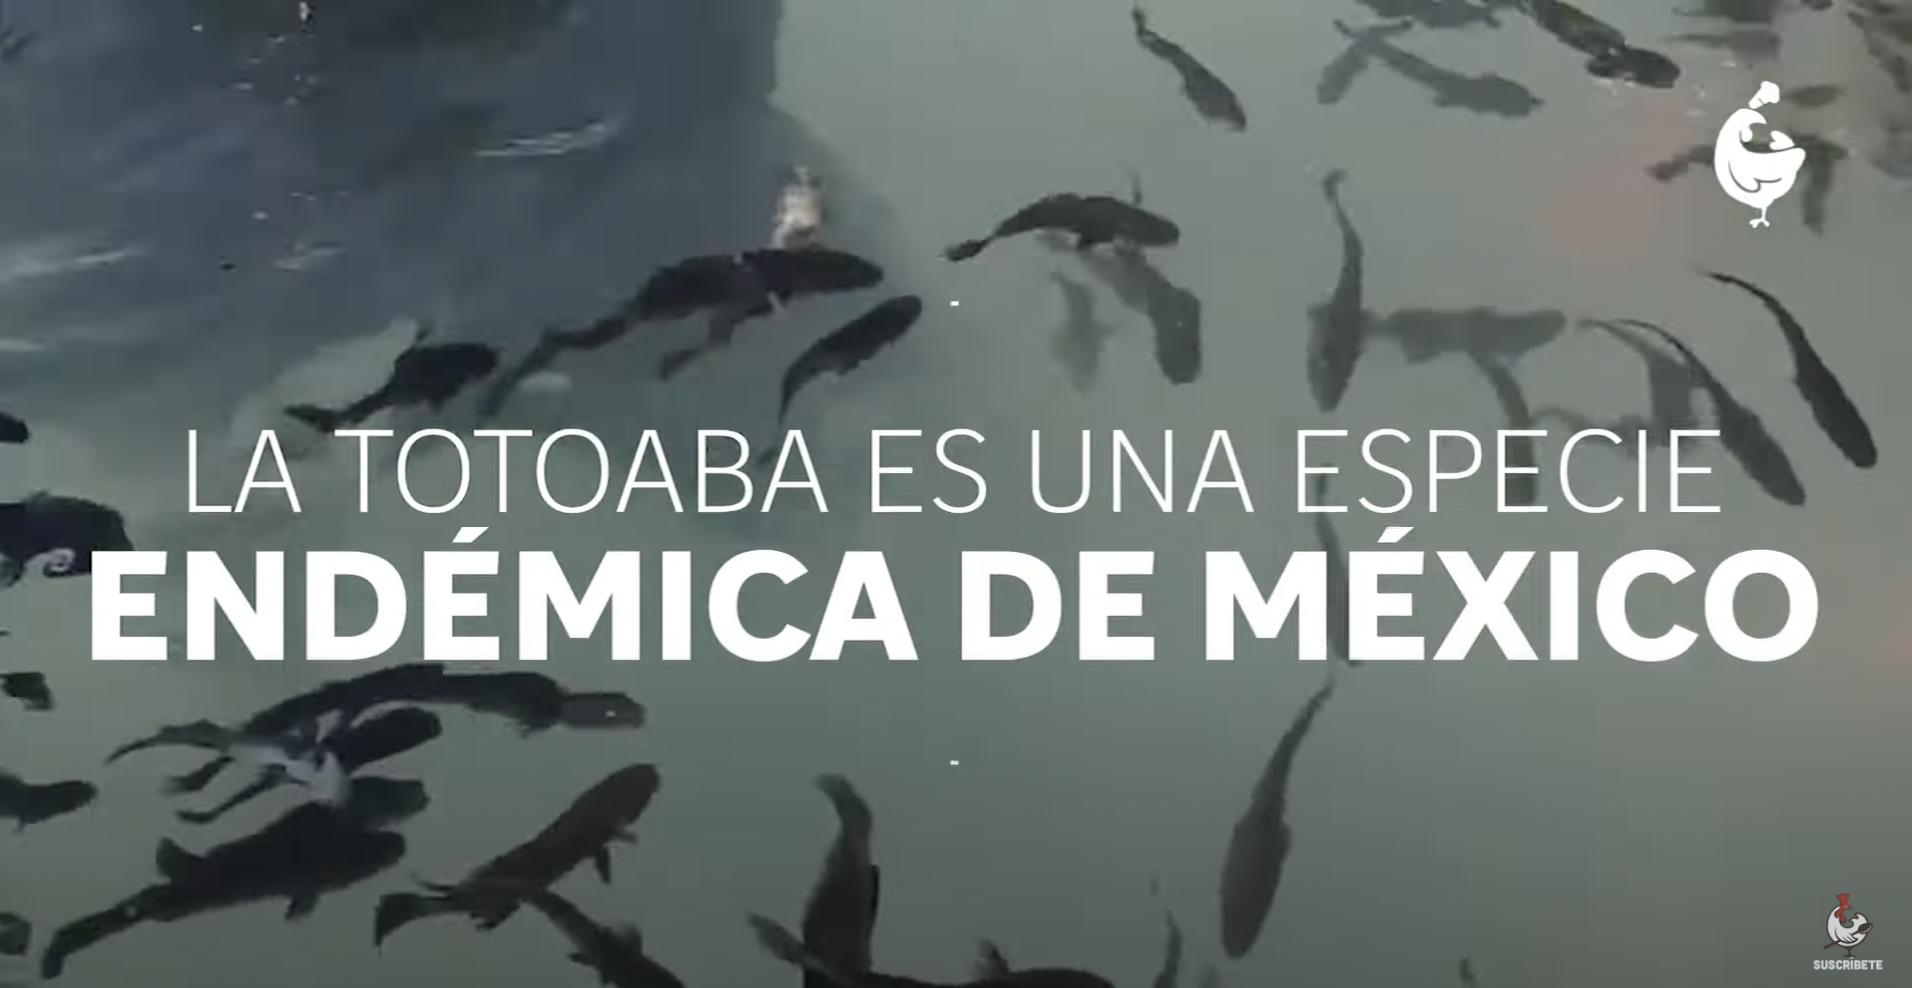 Totoaba: aunque no lo creas, un pescado legal y muy mexicano.